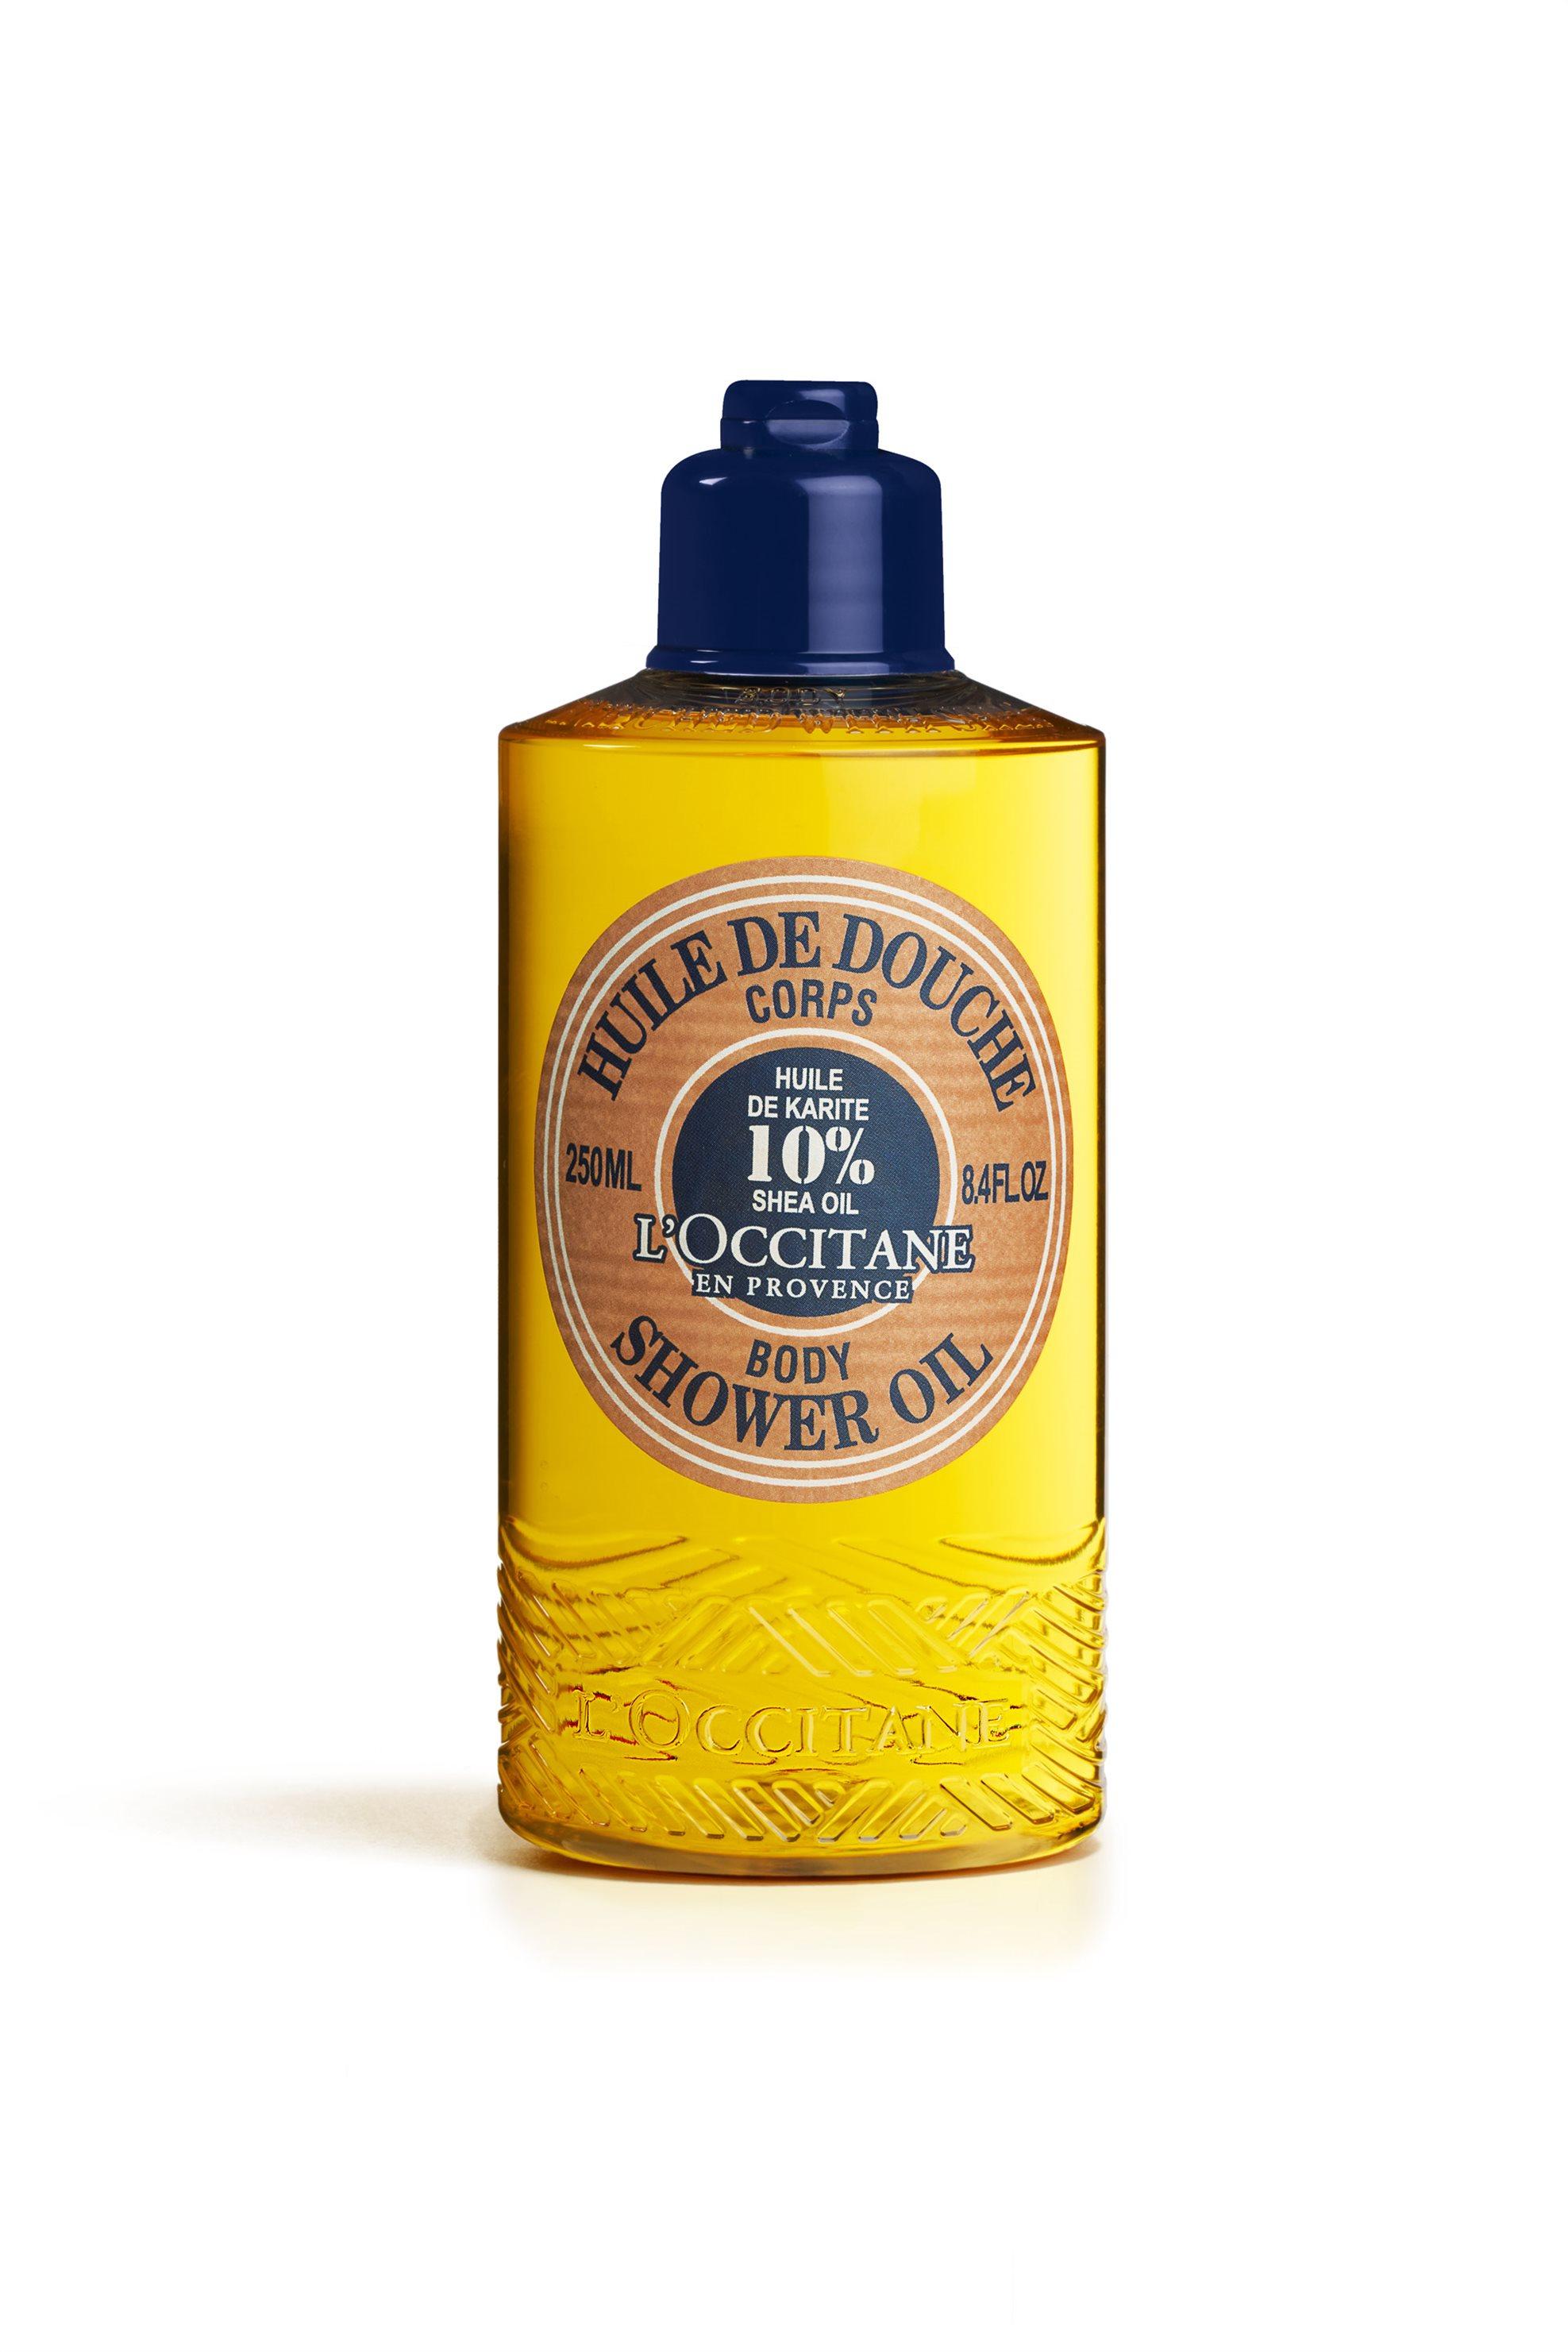 L' Occitane En Provence Shea Butter Shower Oil 250 ml - 3253581479940 ομορφια   φυτικα καλλυντικα   περιποίηση σώματος   αφρόλουτρα   scrubs